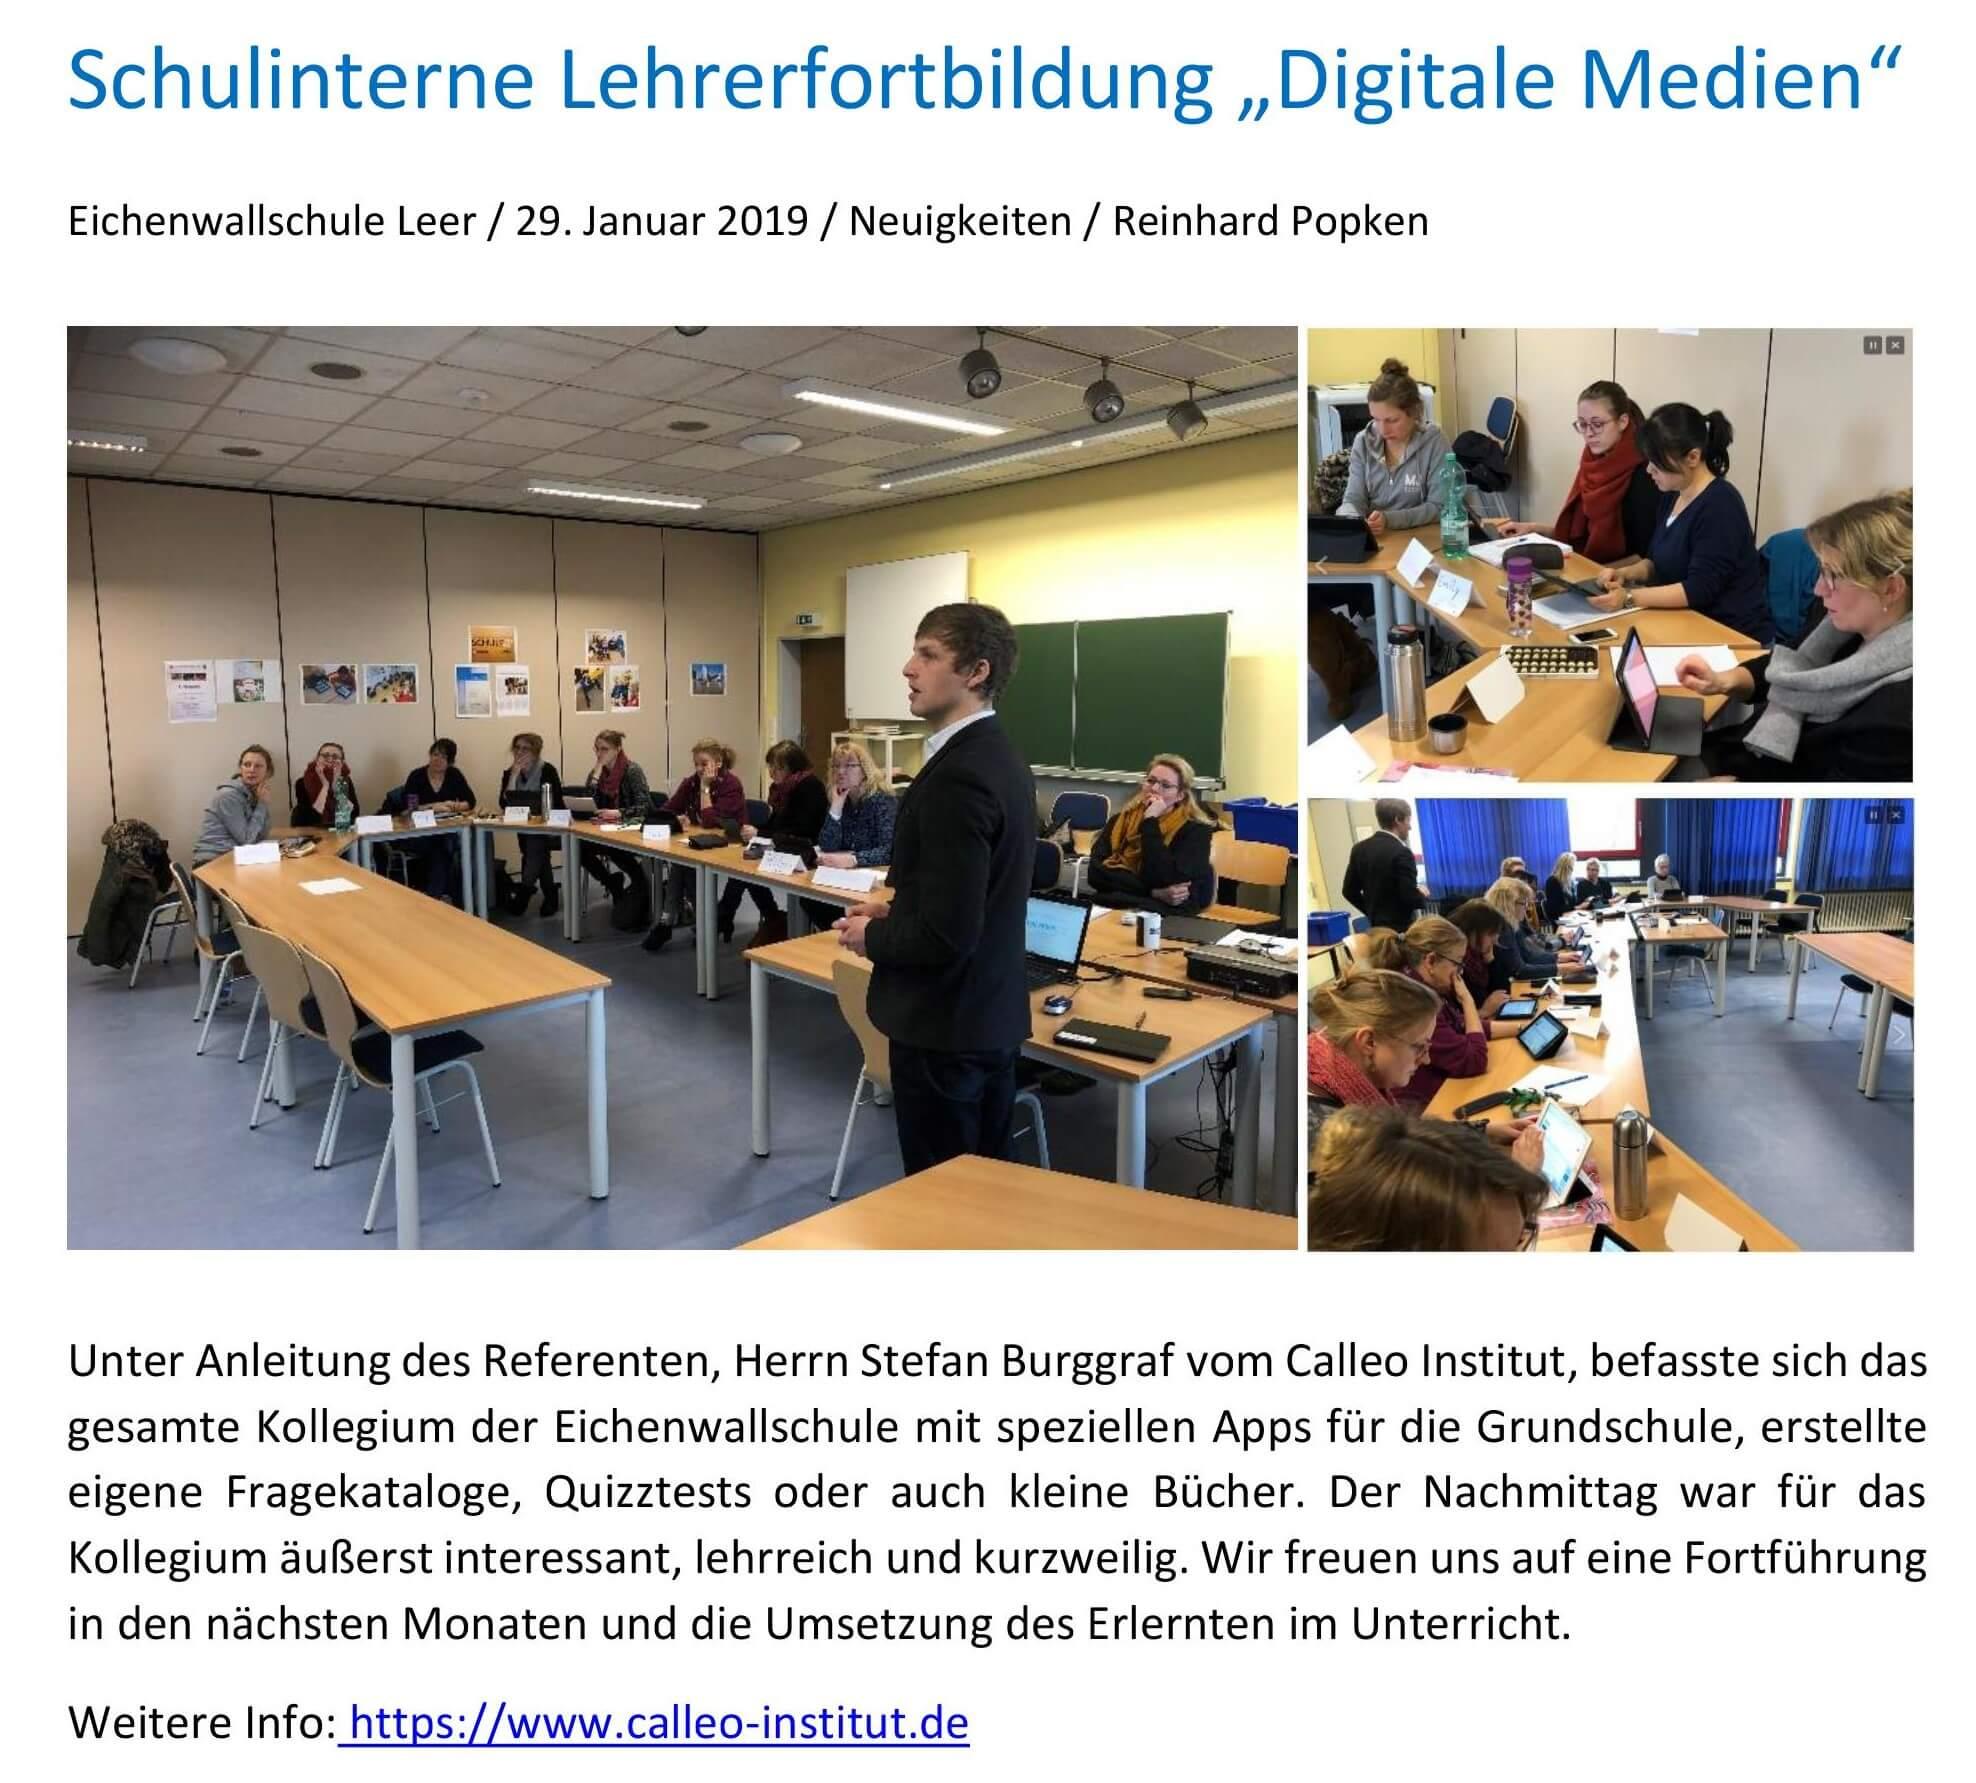 Eichenwallschule_Fortbildung-1